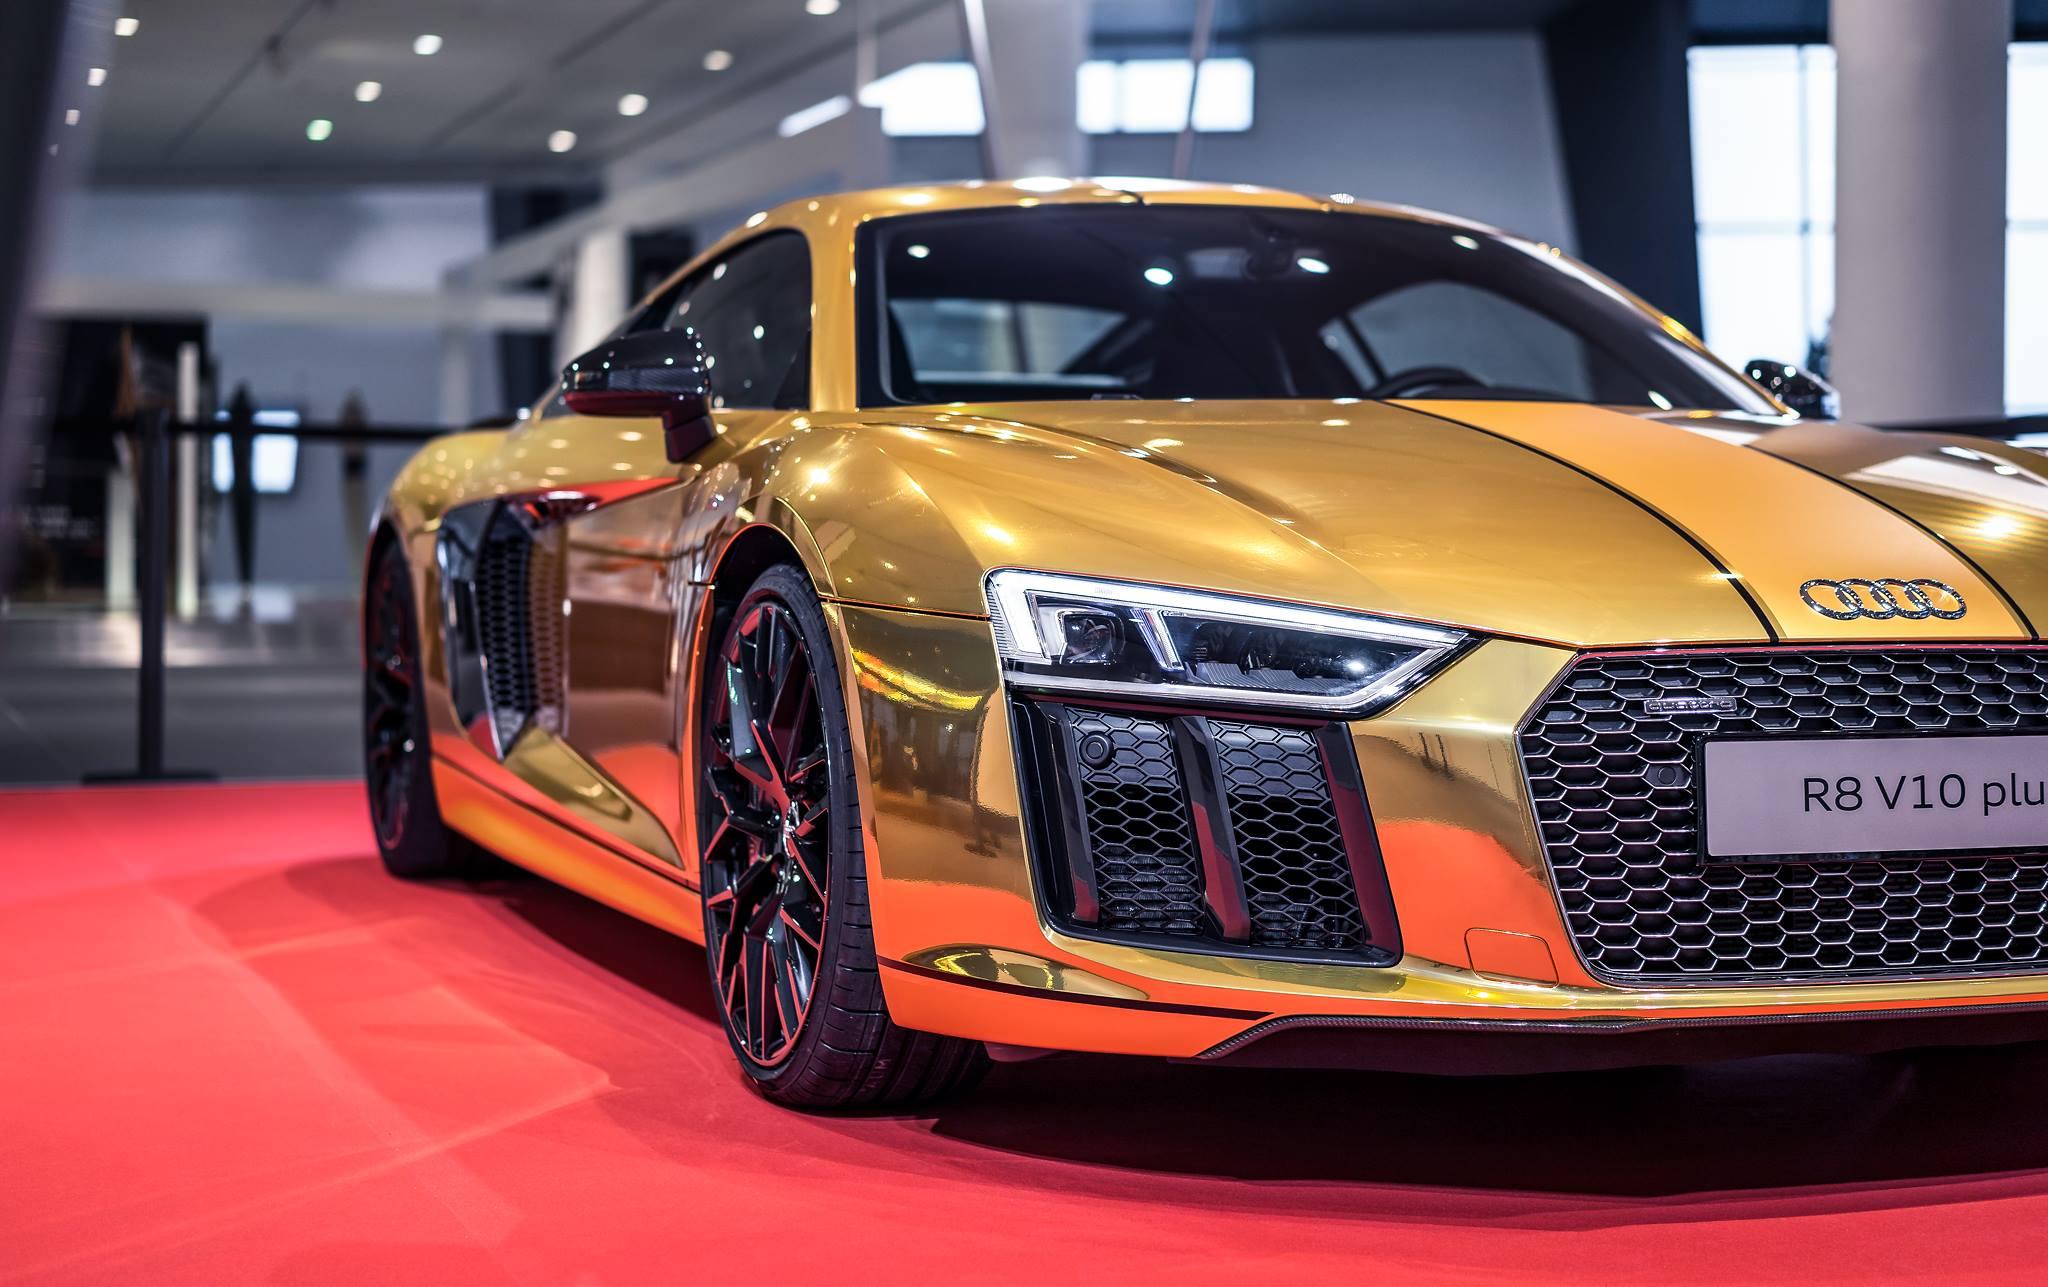 2016 Audi R8 V10 Plus Gets Official Chrome Gold Wrap - autoevolution